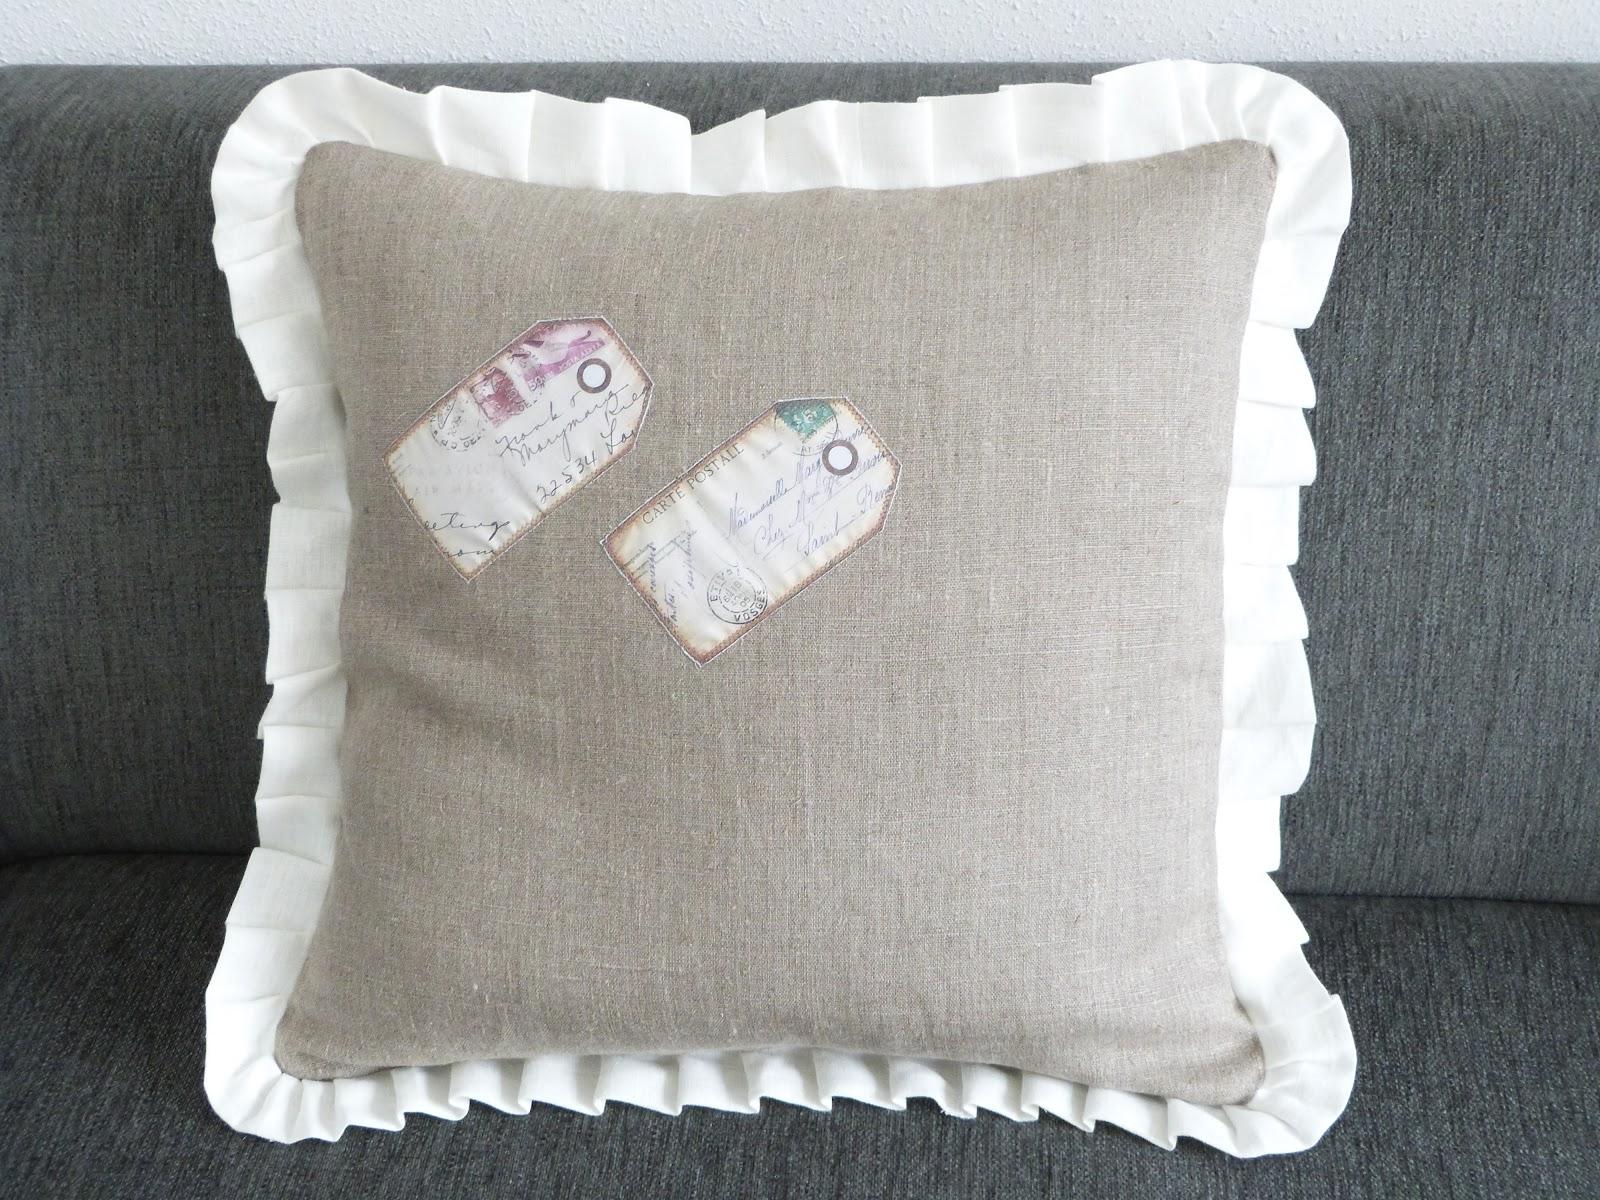 Zelf Kussen Maken : Kussen maken met naaimachine zelf kussens maken doe je heel